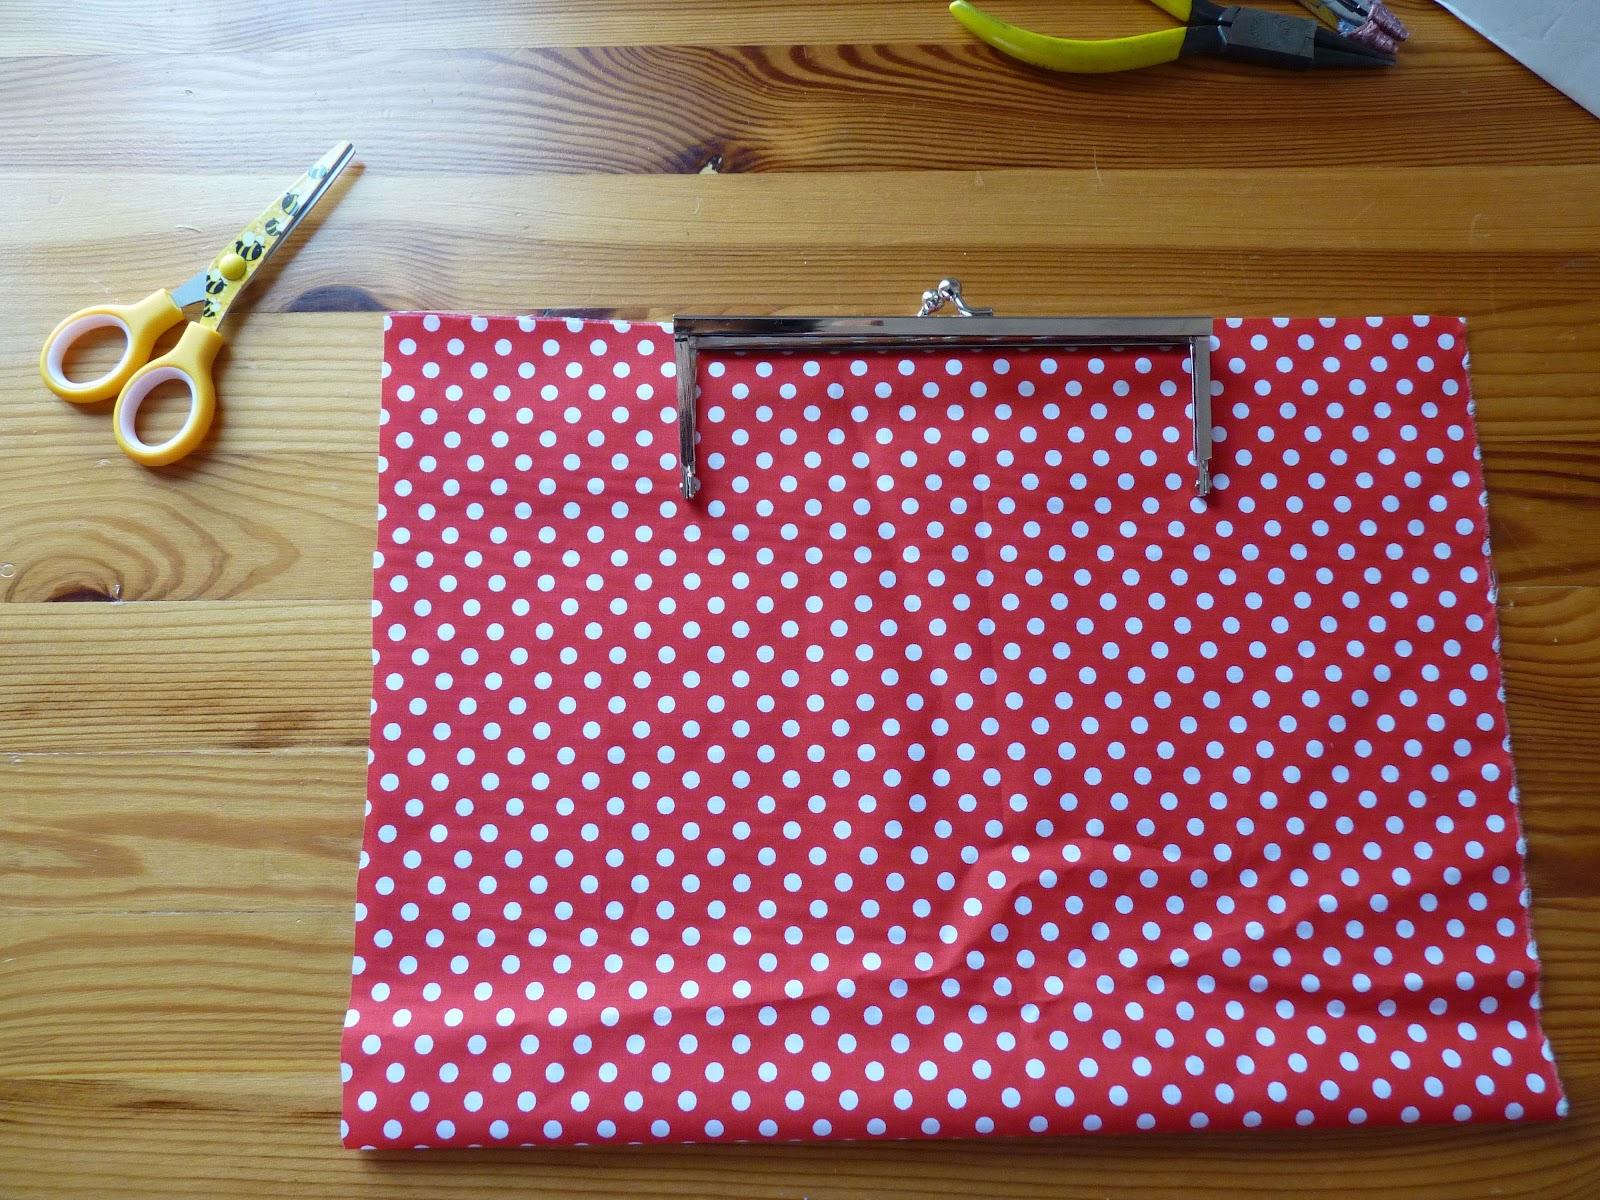 Las cositas de marga tutorial c mo hacer un bolso de - Hacer bolsos de tela paso a paso ...